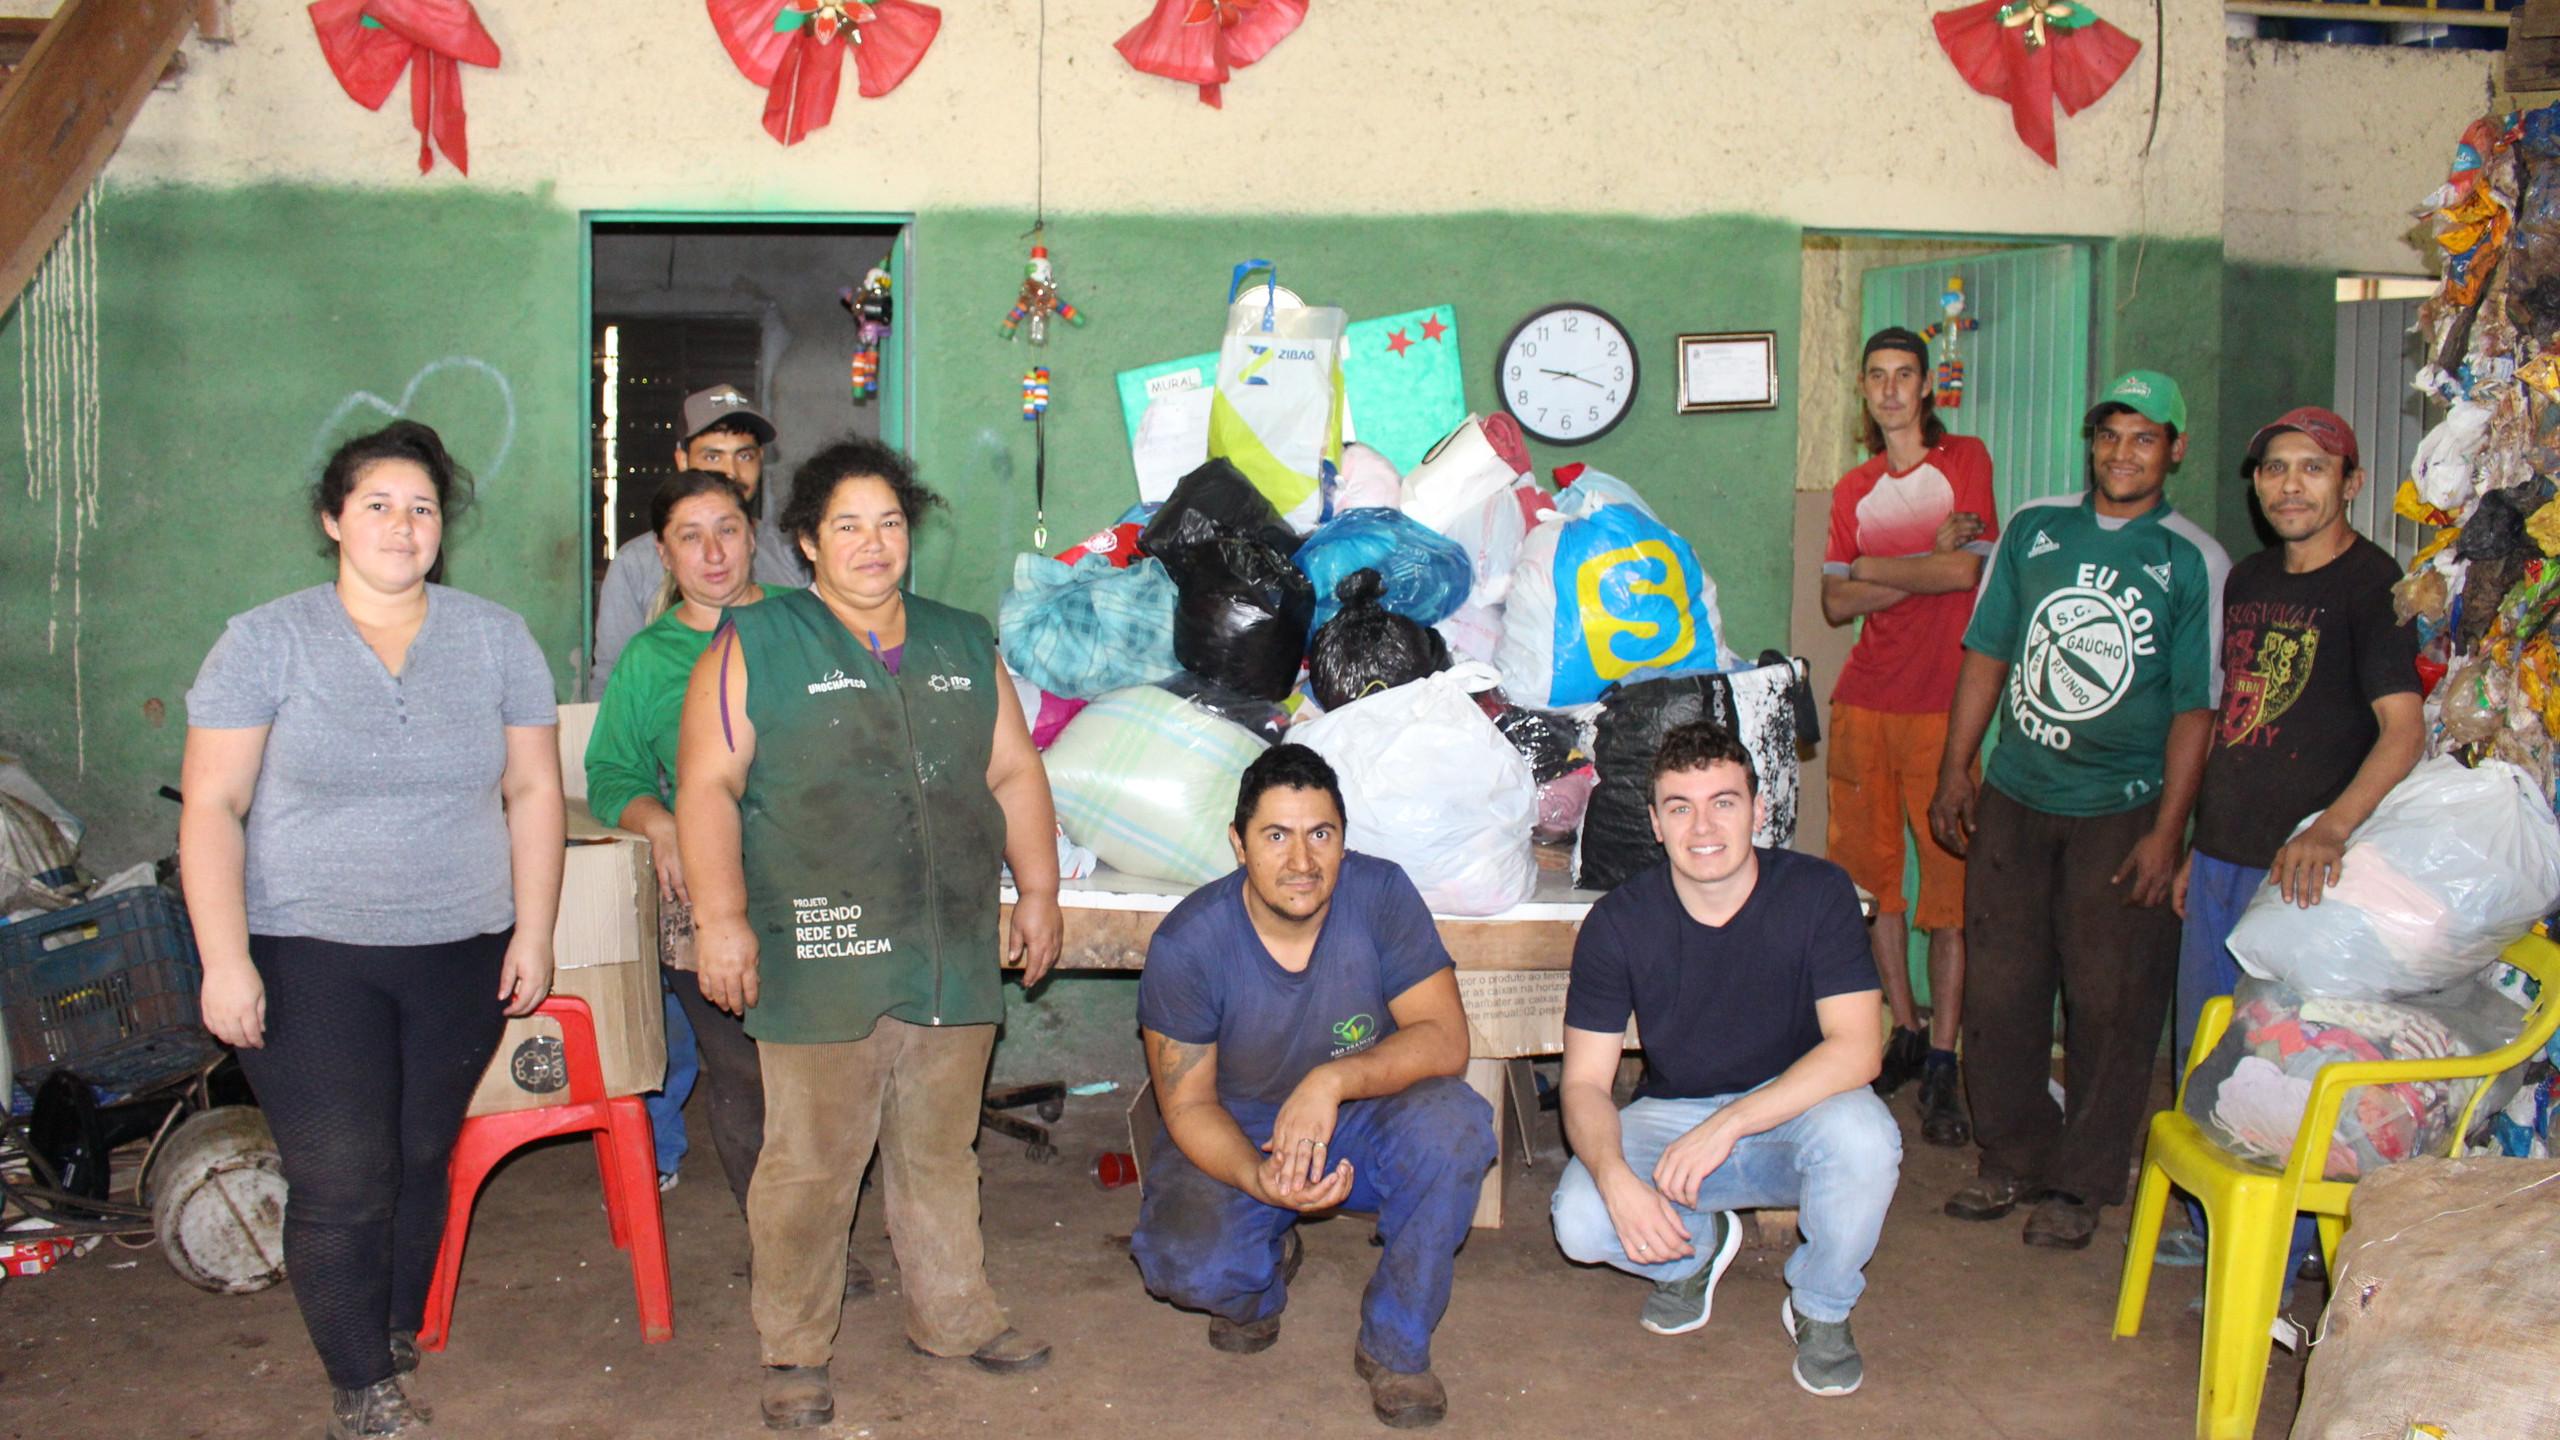 Doações de roupas e calçados entregues para associação São Francisco, de Chapecó, no dia 25/06/2019